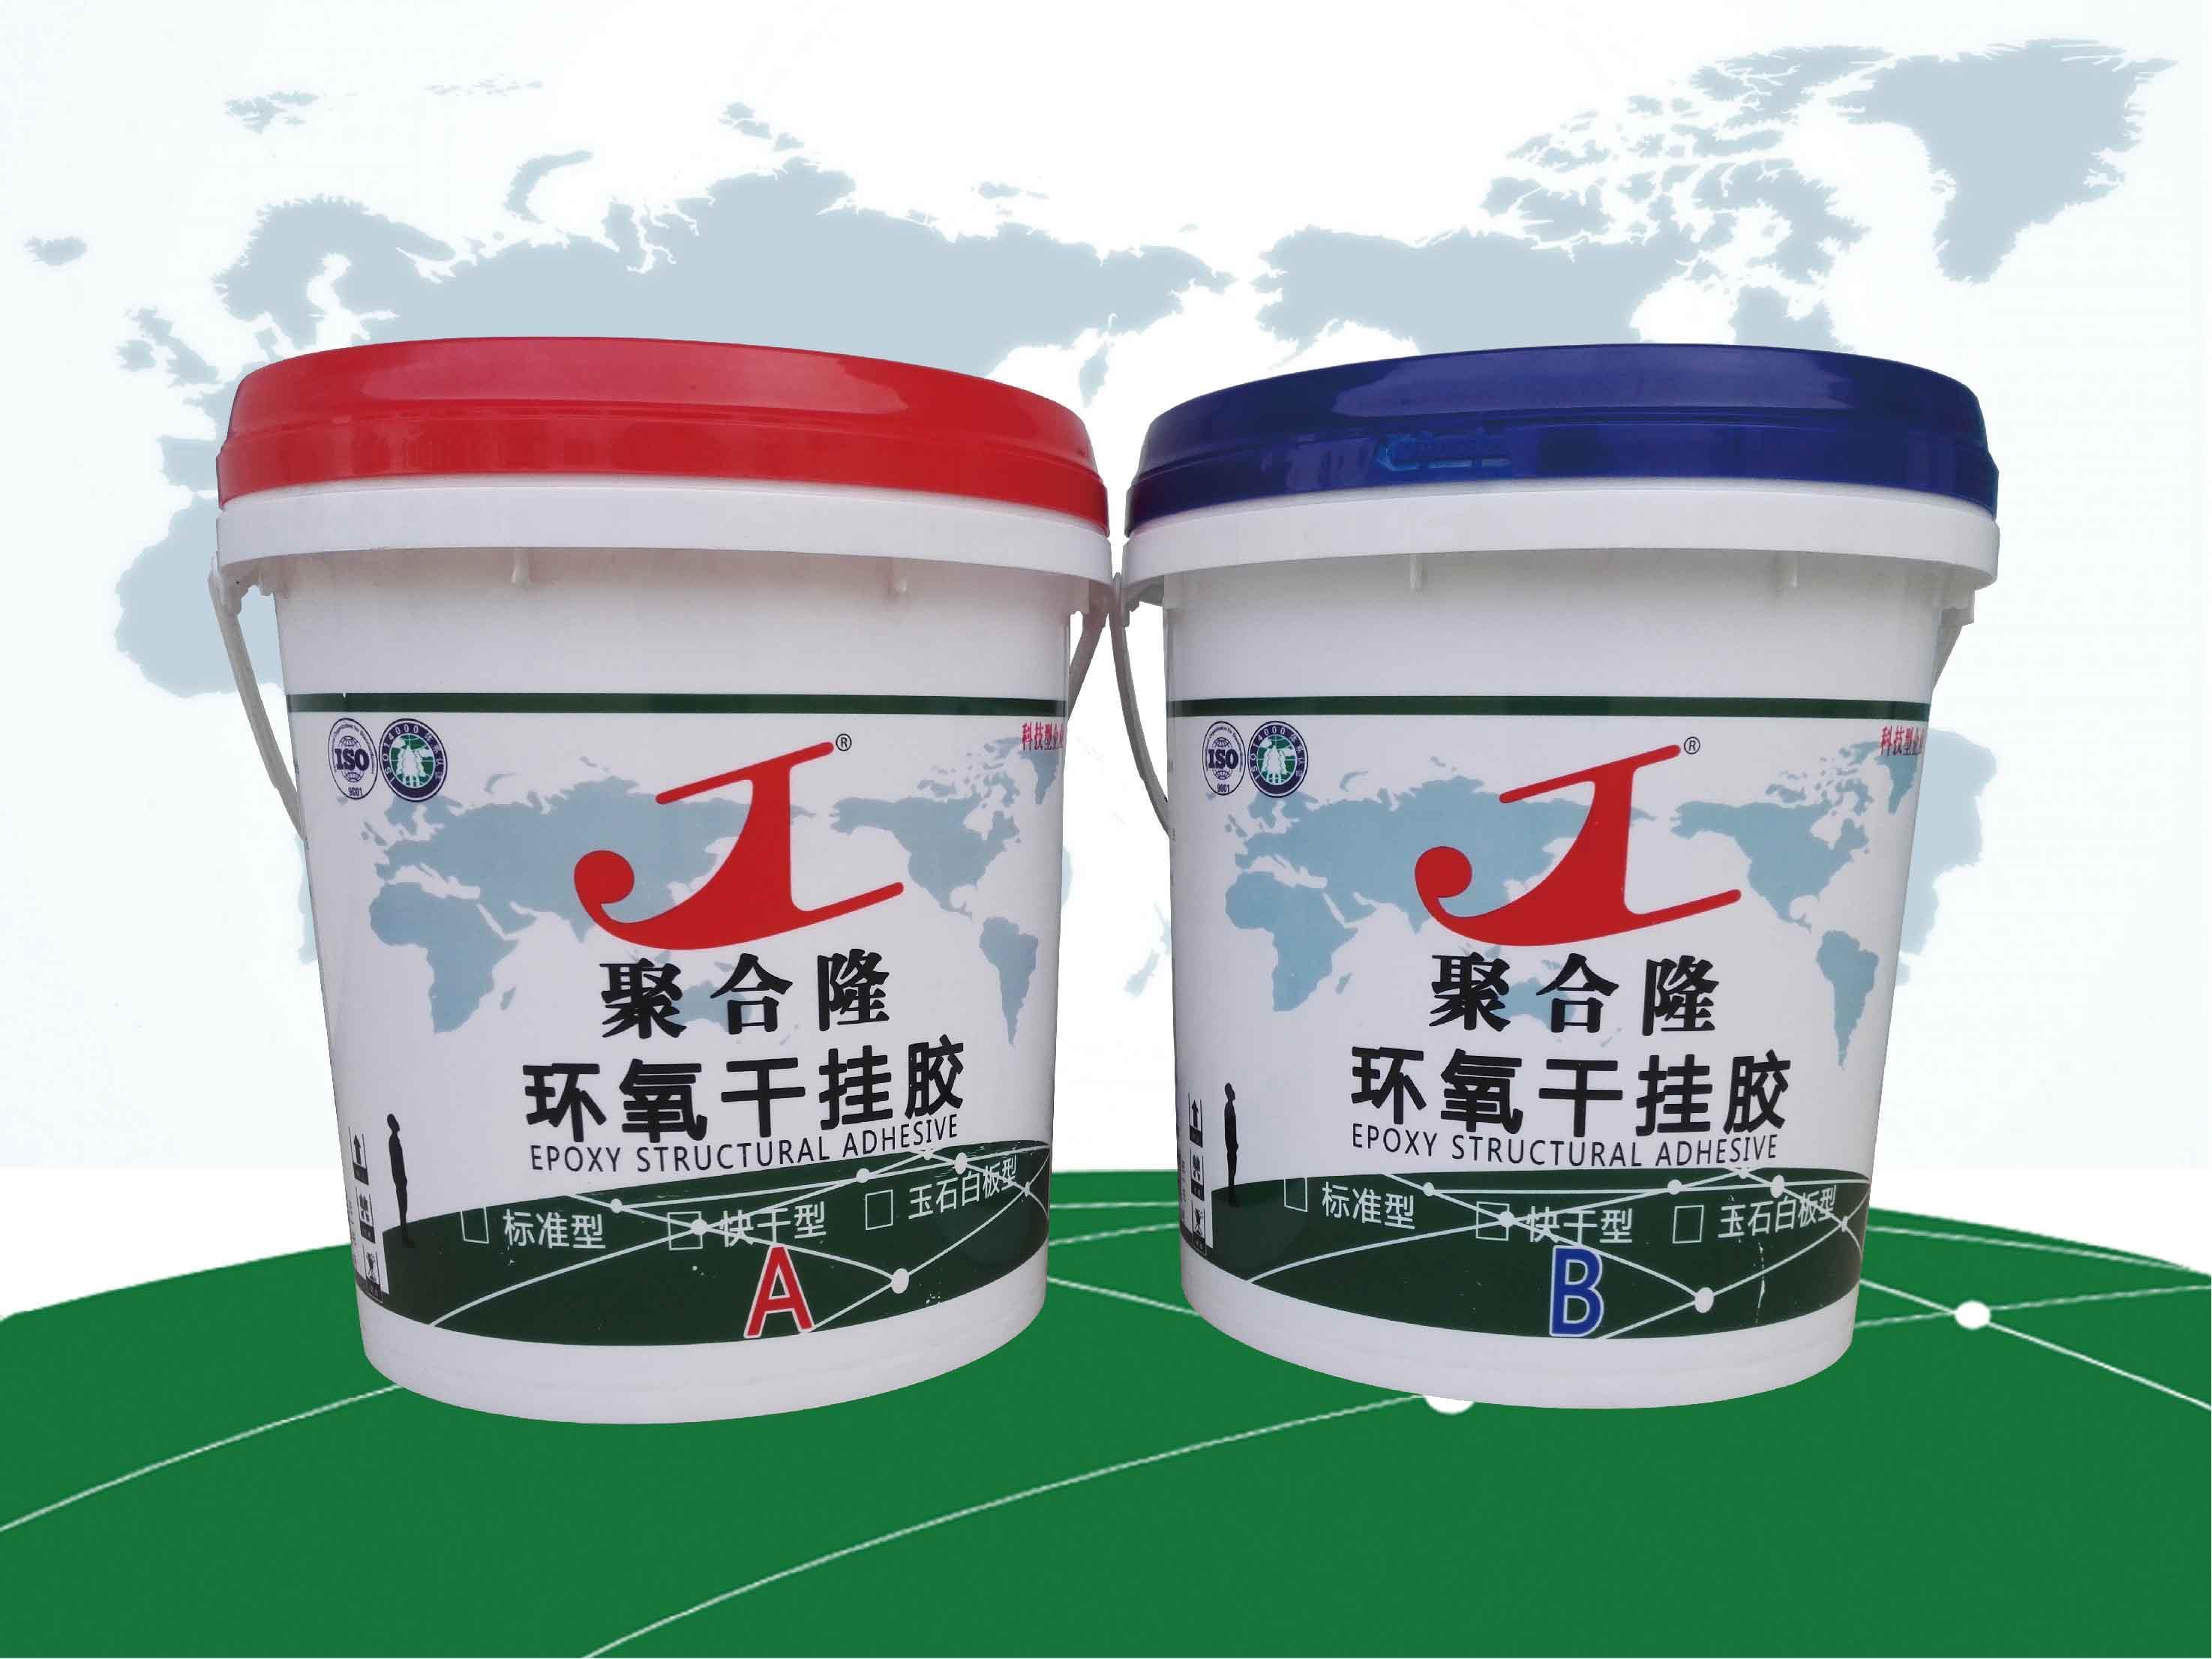 供应石材干挂胶 粘接牢固安全环保环氧树脂型AB胶